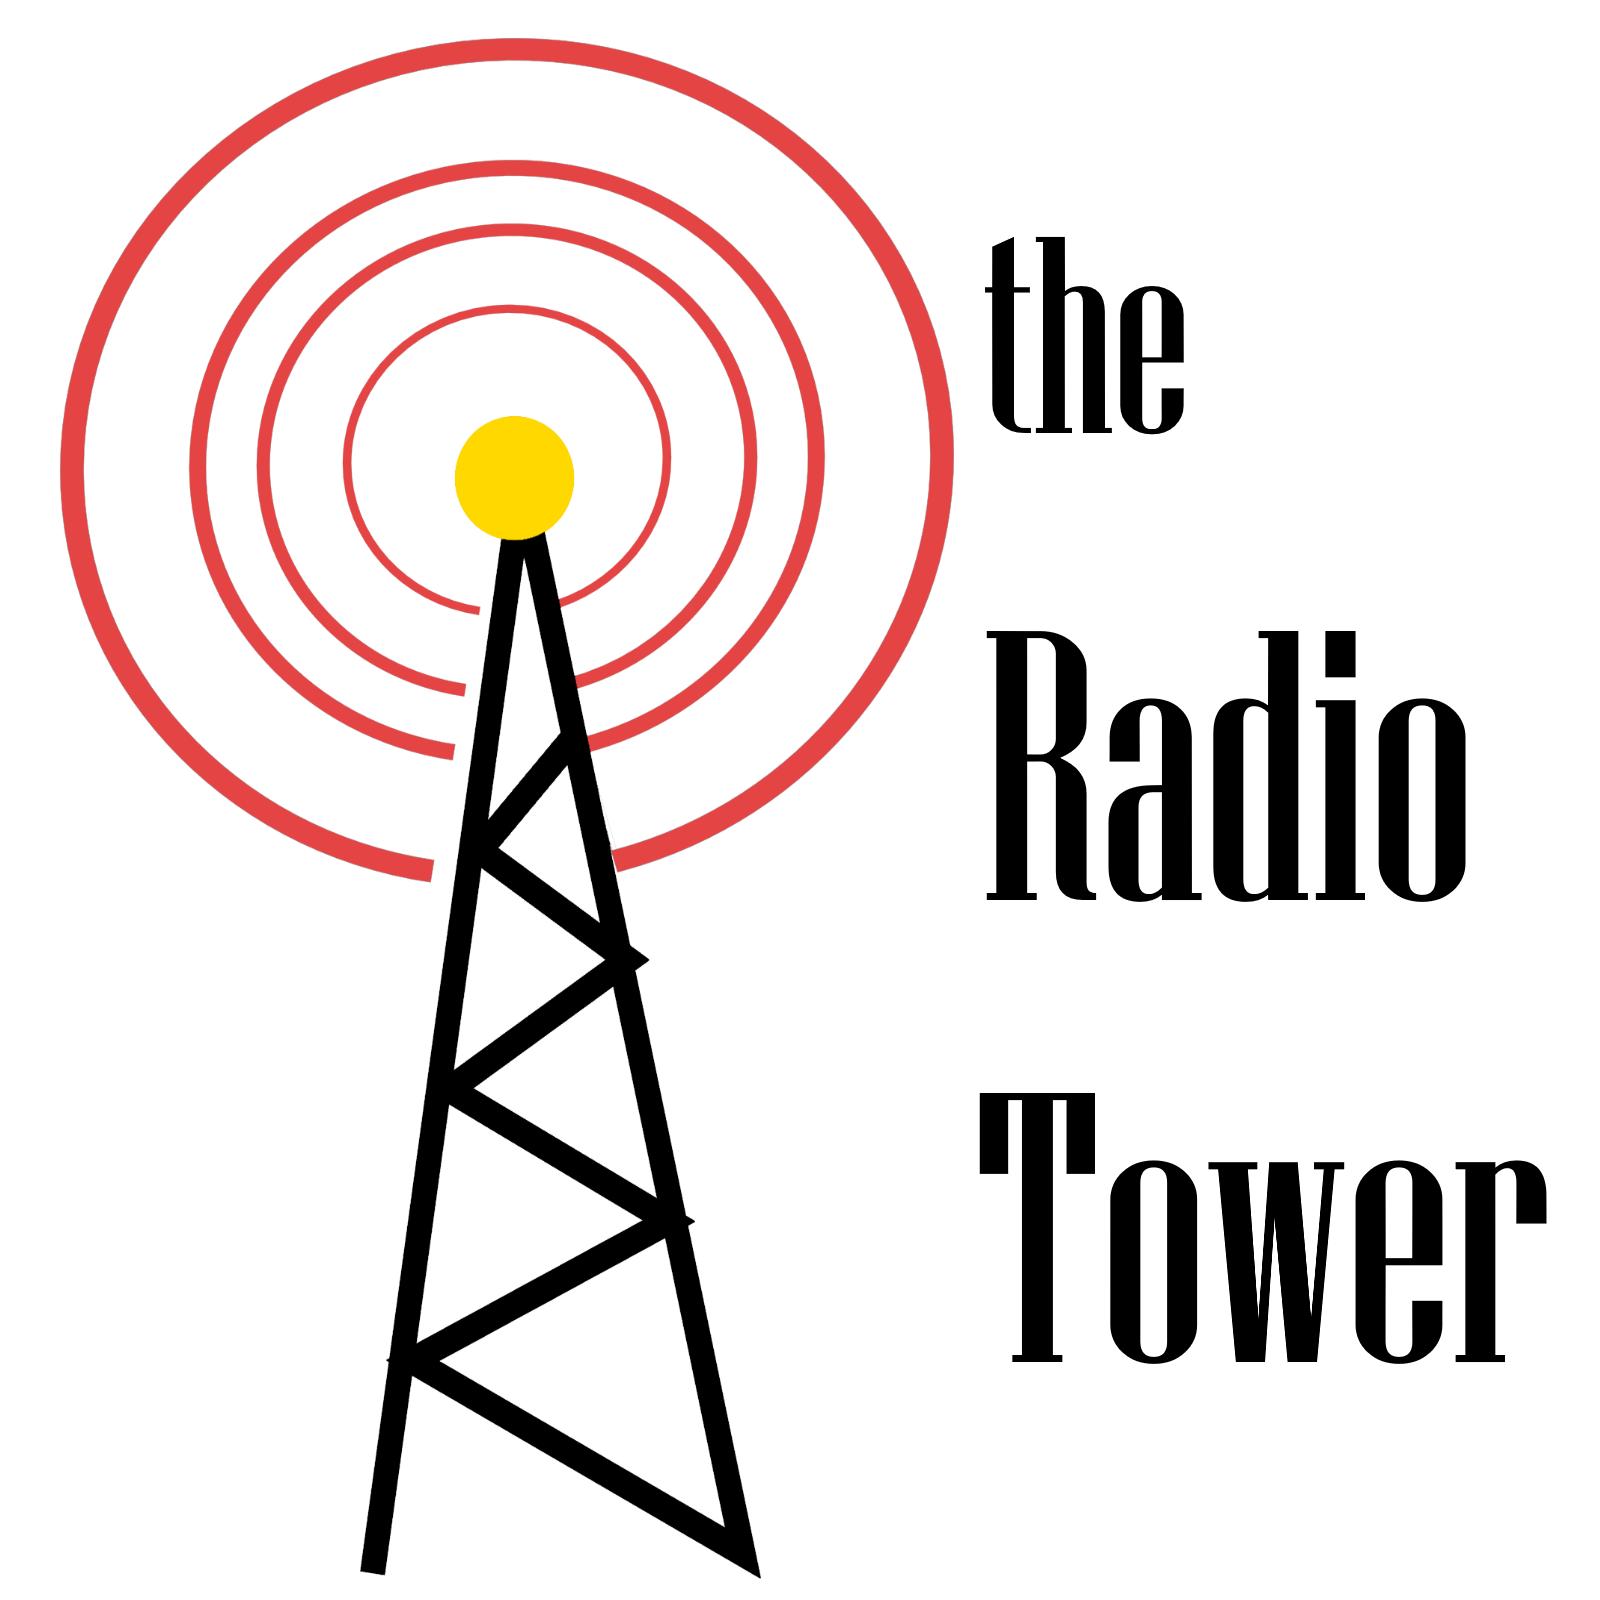 Radio Tower 26: The History of Radios with John Vuolo, 1920s edition. show art